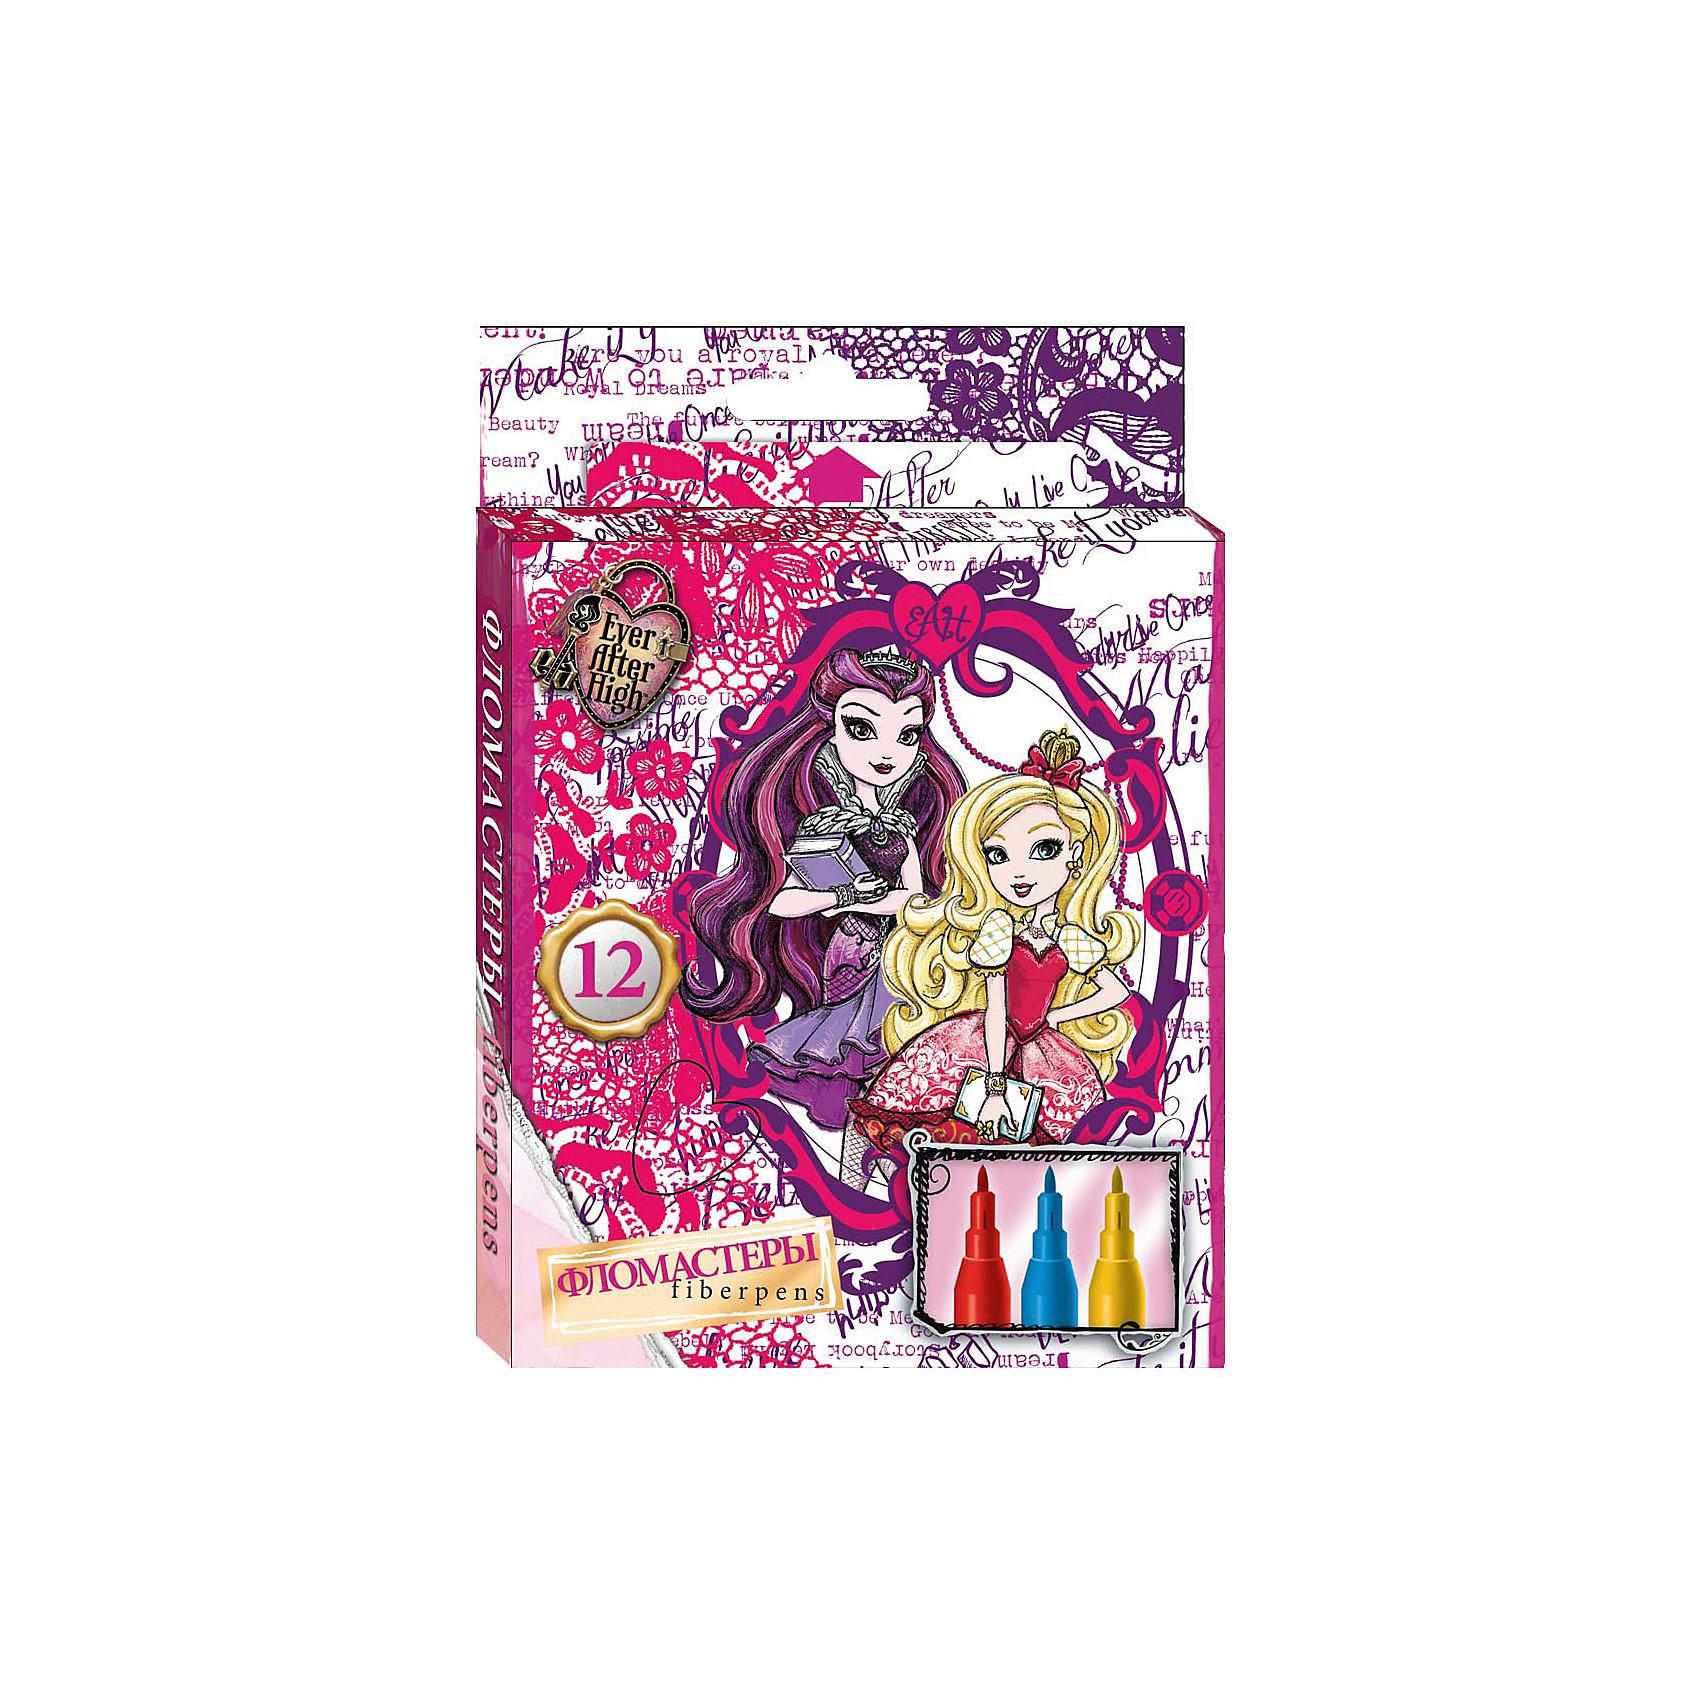 Фломастеры 12 цв., Ever After HighФломастеры 12 цв., Ever After High (Долго и счастливо)– это прекрасный набор для детского творчества.<br>Фломастеры Ever After High (Долго и счастливо) предназначенные для рисования и раскрашивания, помогут вашей малышке создать неповторимые яркие картинки. Набор включает в себя фломастеры 12 ярких насыщенных цветов в разноцветных корпусах. Каждый фломастер оснащен плотным колпачком, надежно защищающим чернила от испарения. Пишущий край стержня достаточно тонкий, поэтому можно проводить ровные линии ярких цветов. Широкая гамма цветов удовлетворит самый взыскательный вкус, а рисунок на упаковке, изображающий учениц школы «Долго и счастливо» поднимет настроение любой девочке.<br><br>Дополнительная информация:<br><br>- В наборе: 12 фломастеров<br>- Материал корпуса: пластик<br>- Упаковка: картонная коробка с европодвесом<br>- Размер упаковки: 9х165х115 мм.<br>- Вес: 74 гр.<br><br>Фломастеры 12 цв., Ever After High (Долго и счастливо) можно купить в нашем интернет-магазине.<br><br>Ширина мм: 9<br>Глубина мм: 165<br>Высота мм: 115<br>Вес г: 74<br>Возраст от месяцев: 48<br>Возраст до месяцев: 96<br>Пол: Унисекс<br>Возраст: Детский<br>SKU: 4700007